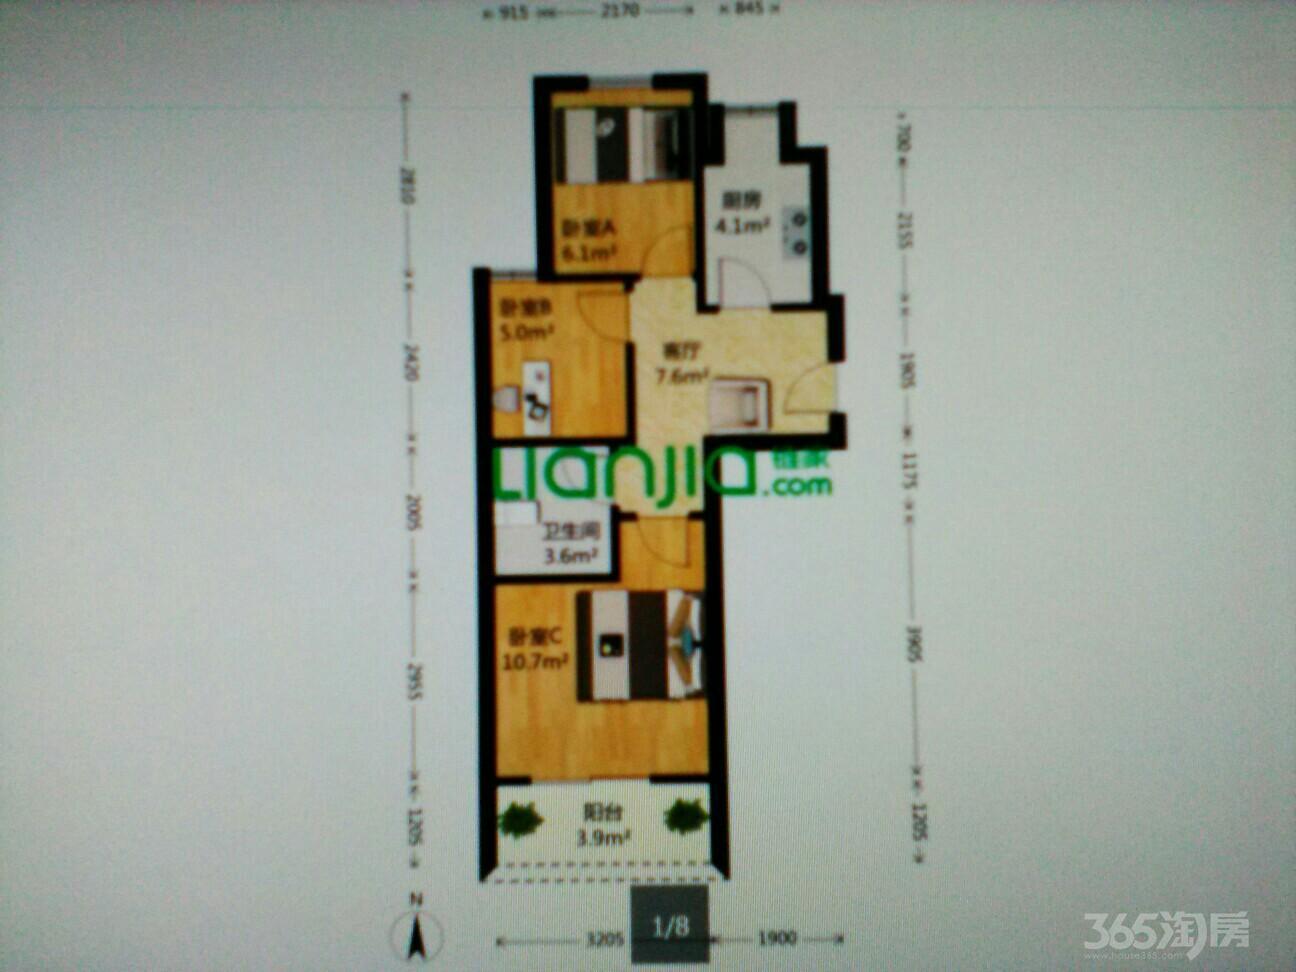 中兴景冉佳园3室1厅1卫61.11平米2013年产权房简装